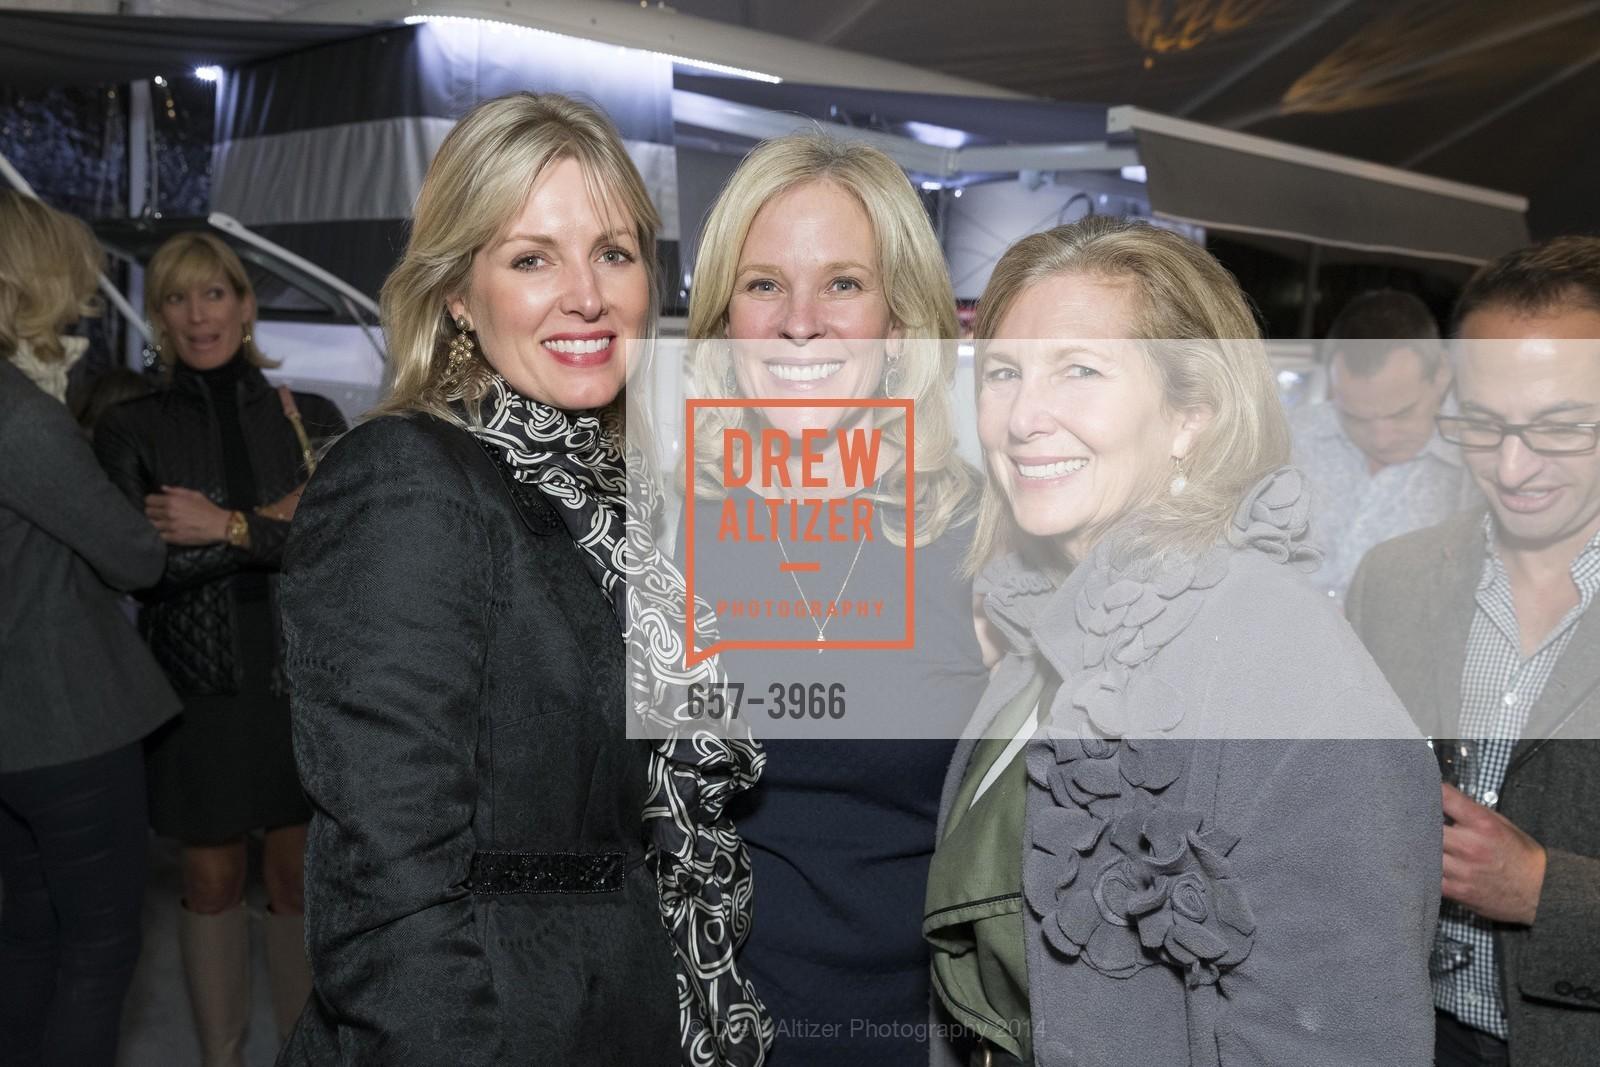 Janelle Loevner, Janie Friend, Photo #657-3966